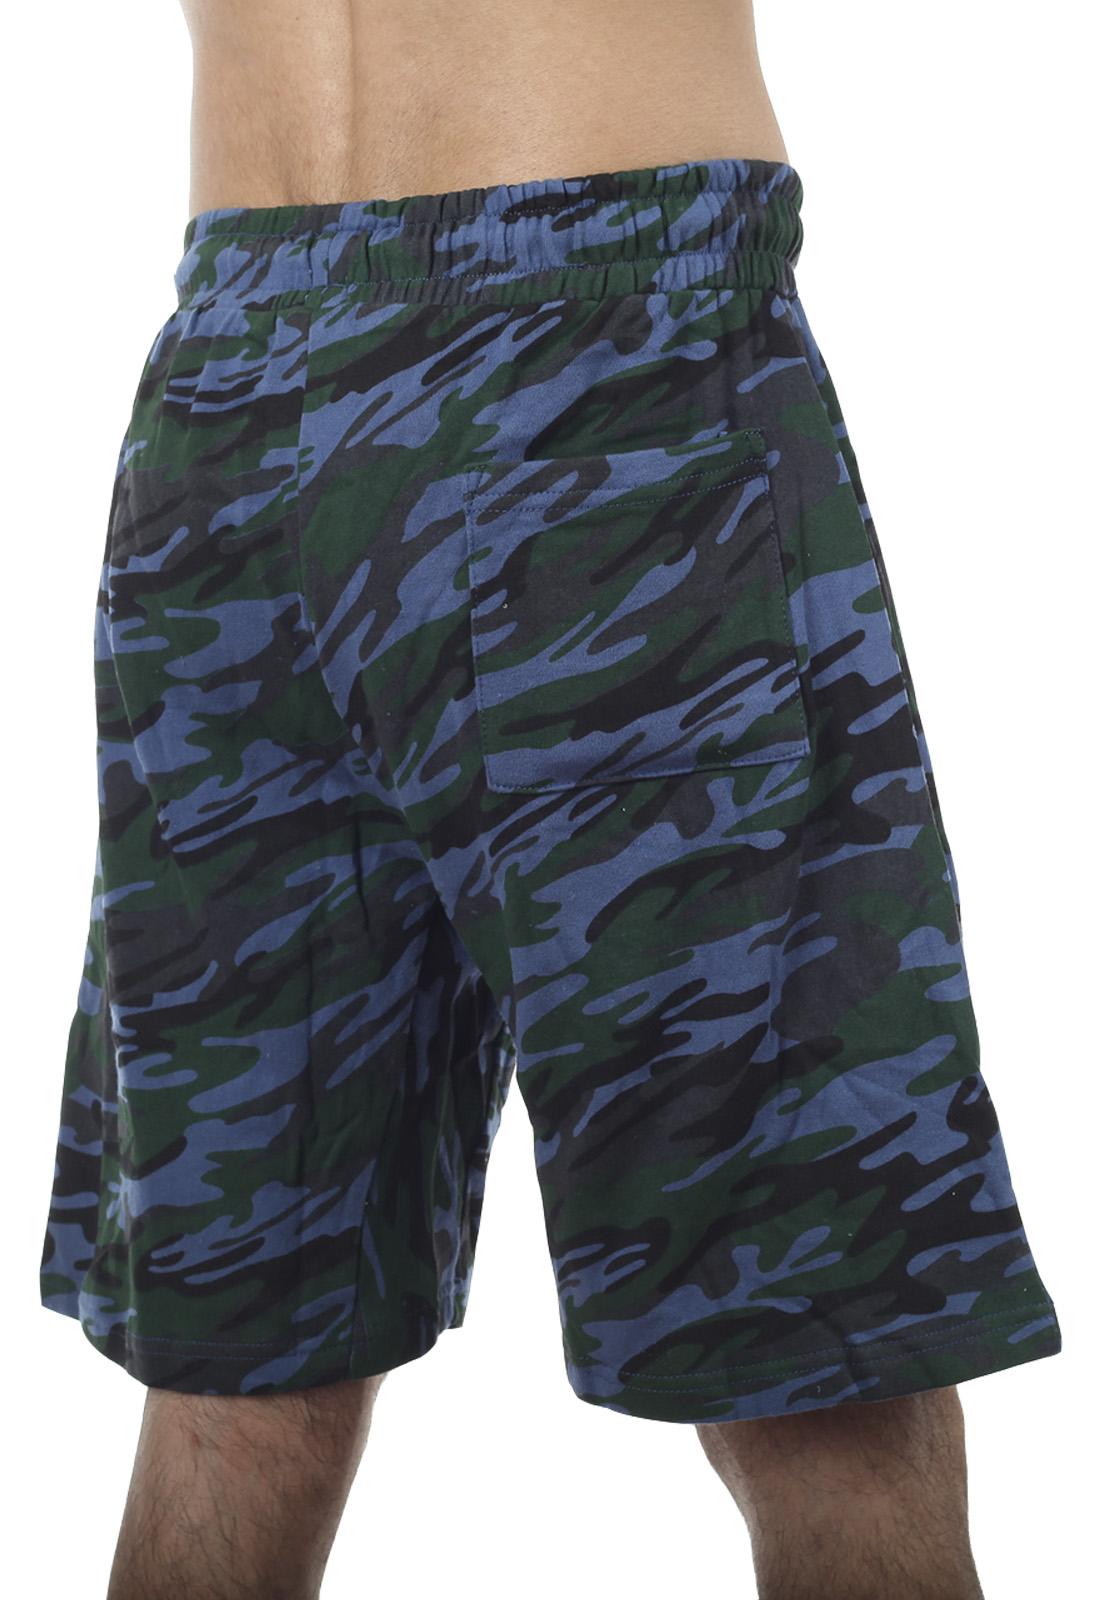 Недорогие мужские шорты на резинке – модели от Разведки до ВДВ